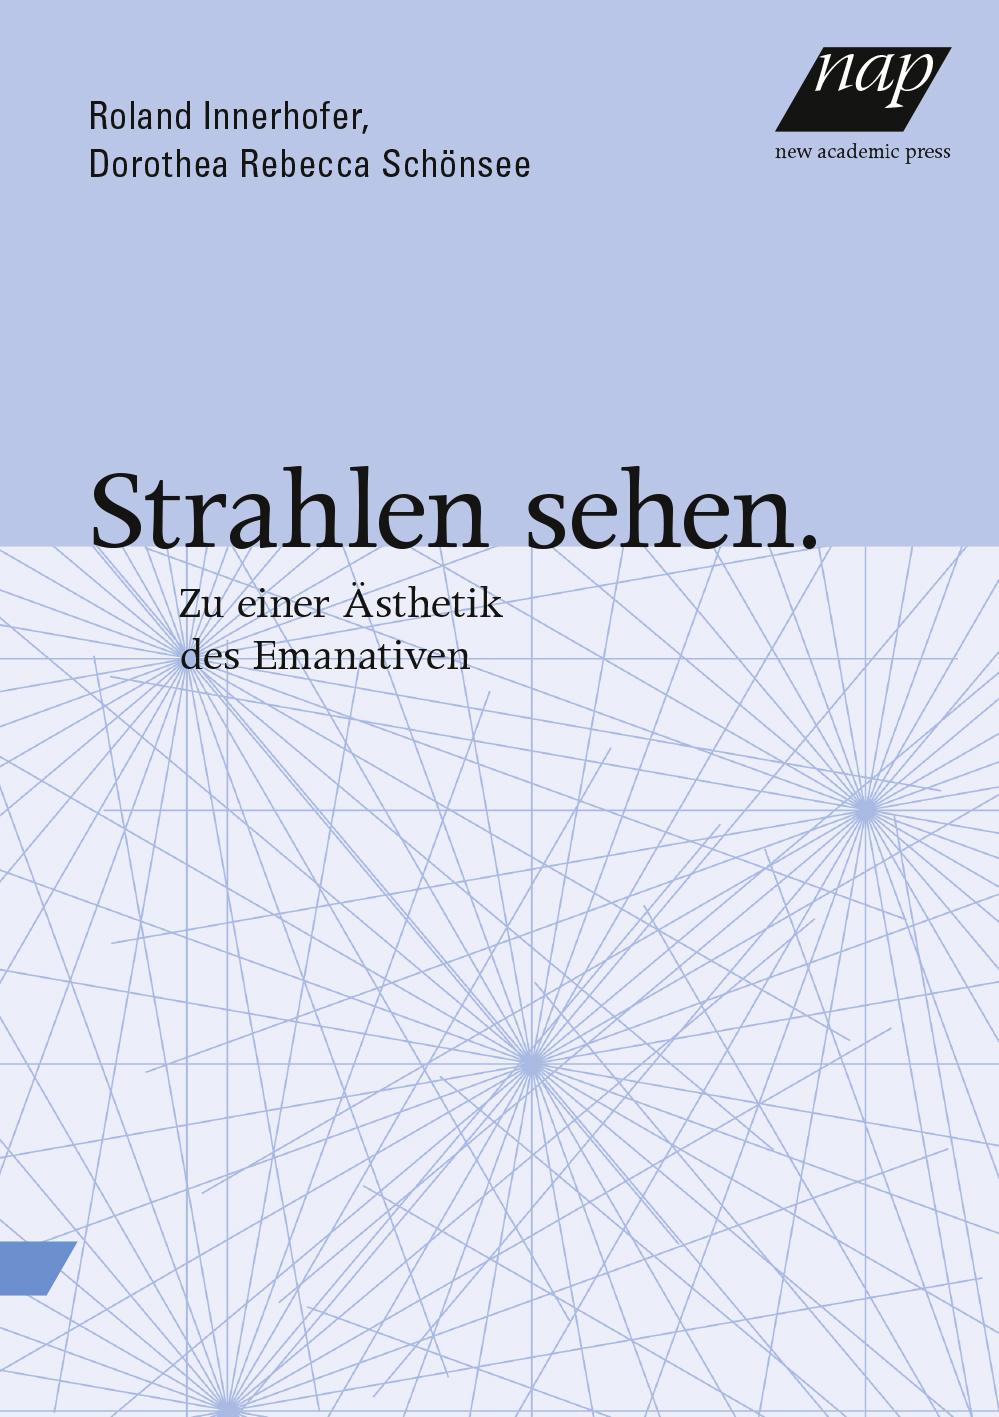 Strahlen sehen Roland Innerhofer